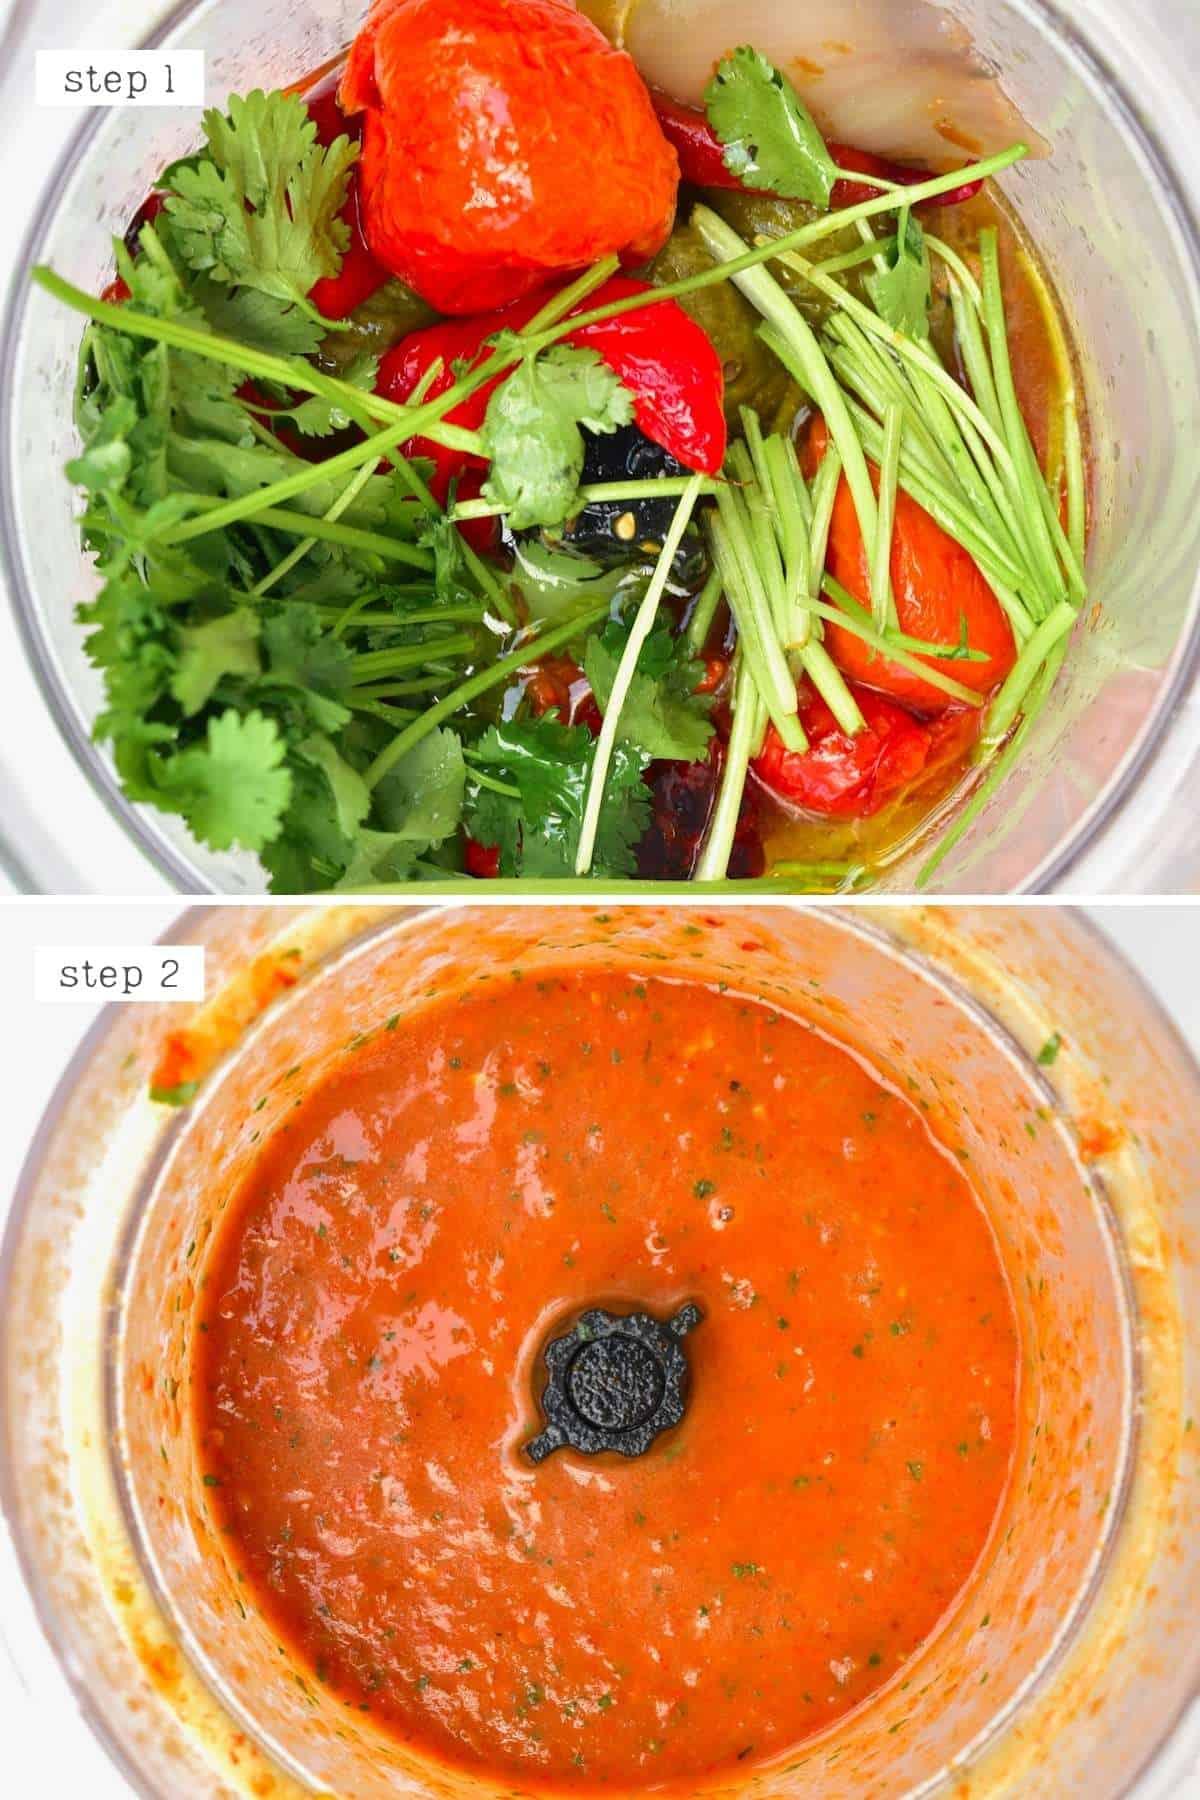 Steps for blending salsa roja